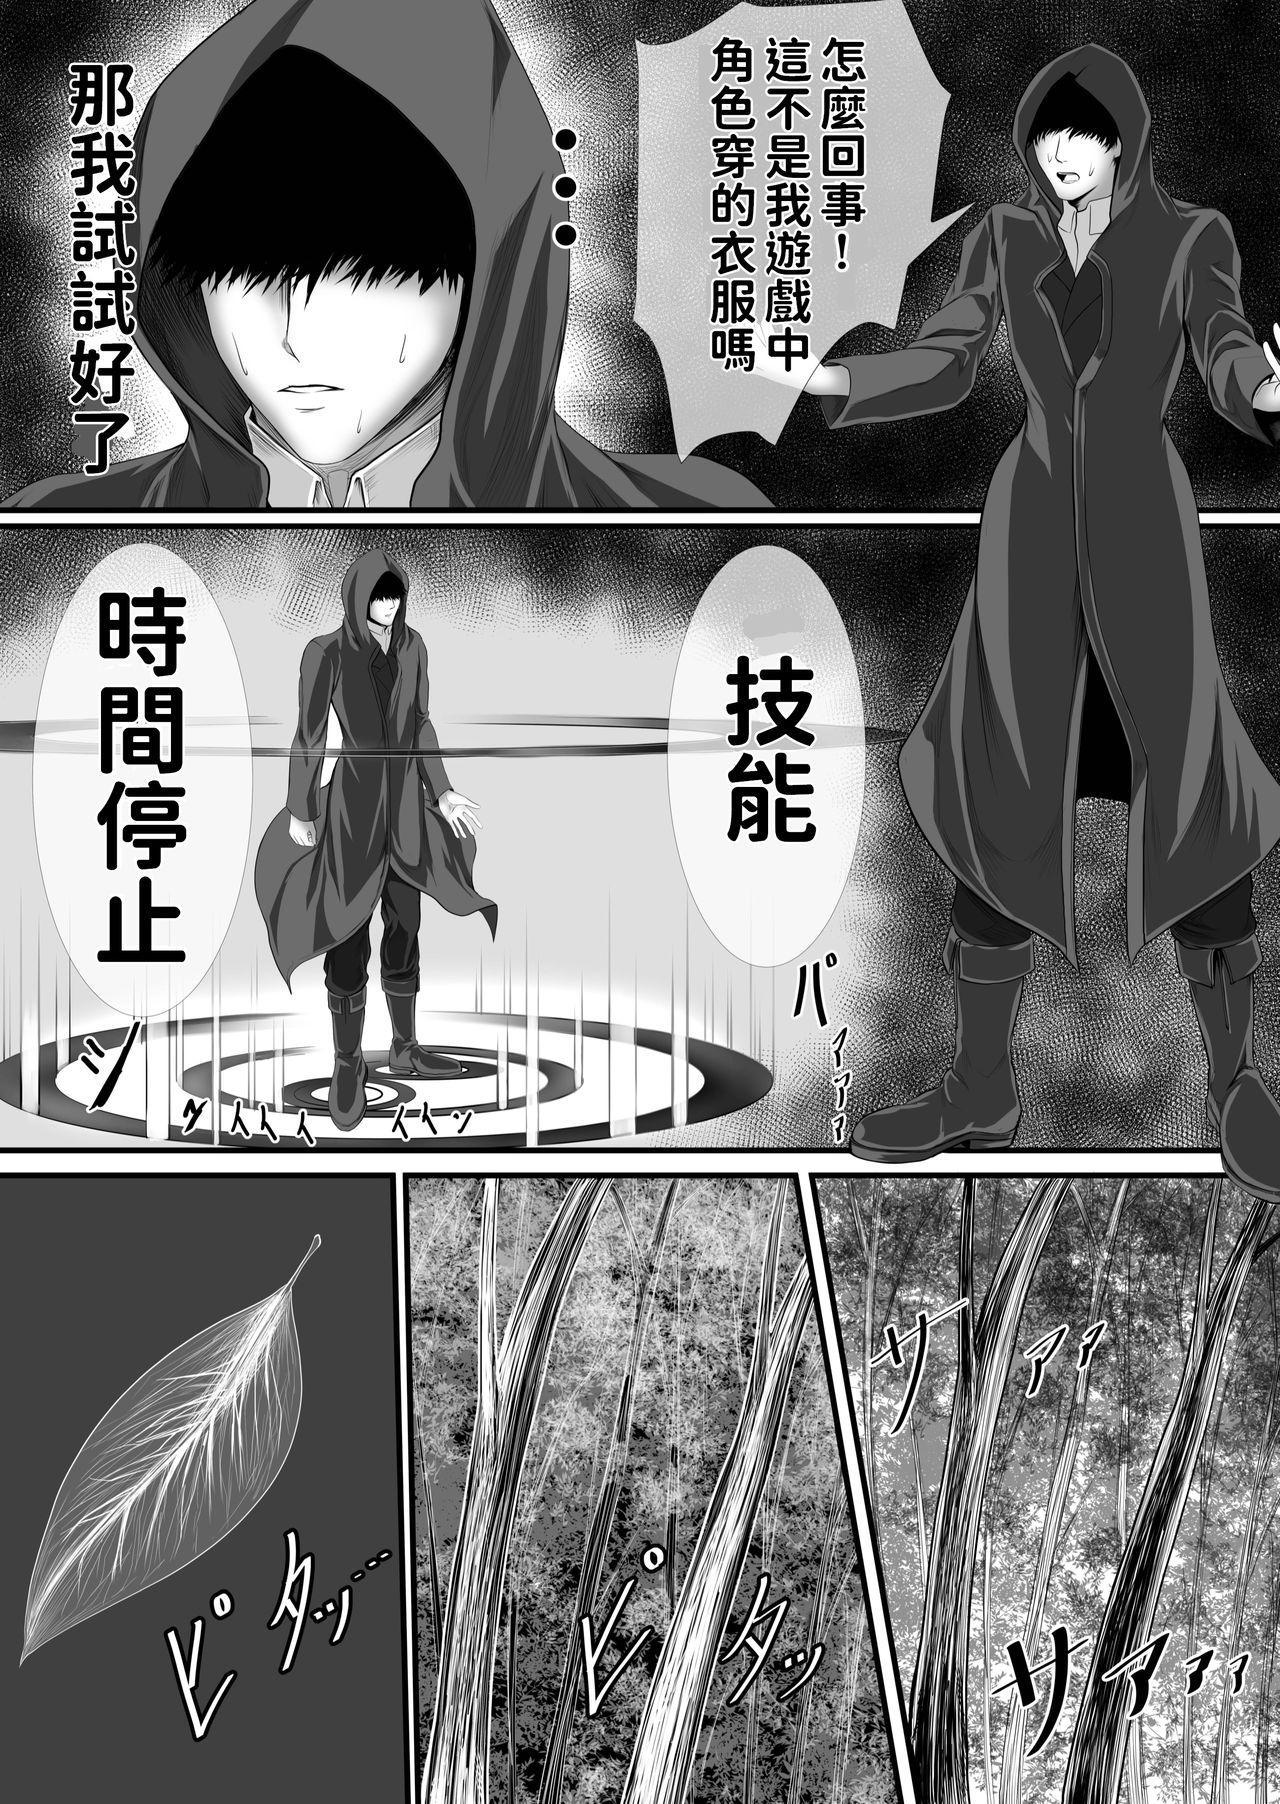 Isekai de nara Warui Onna wa Han Shihoudai nano Kamoshirenai 2